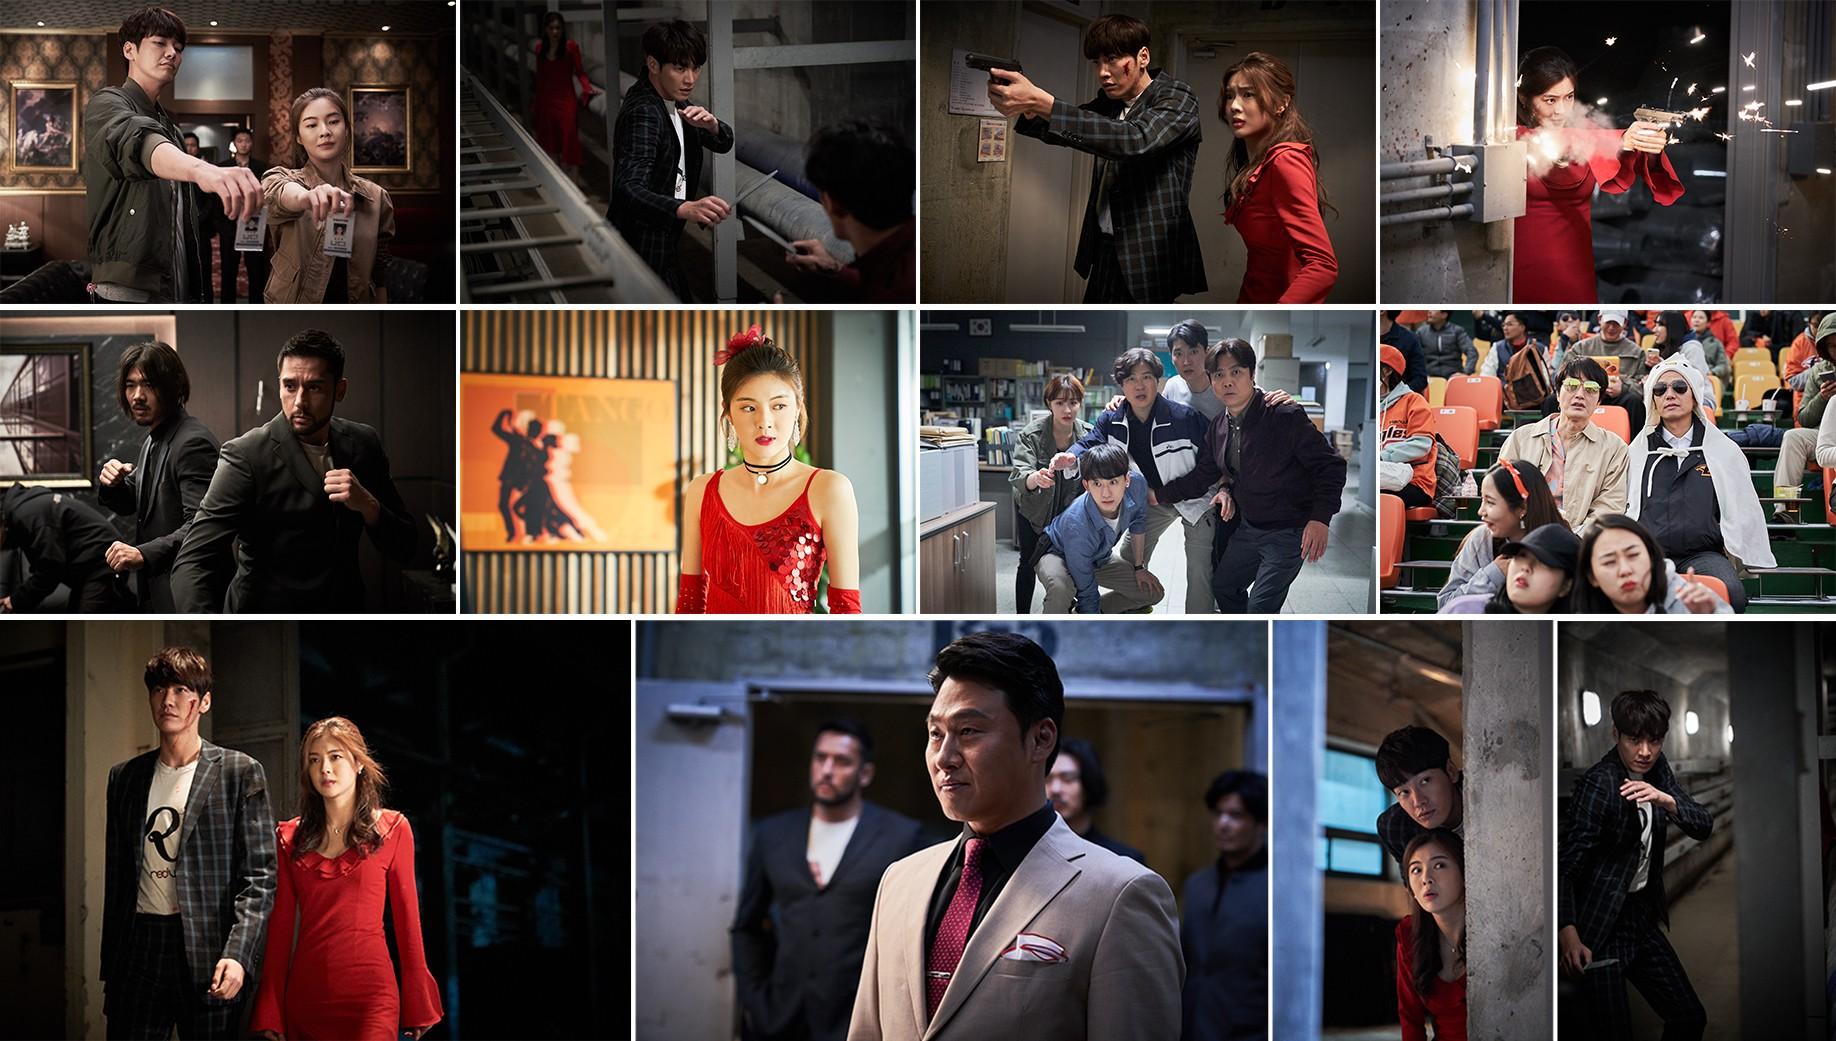 김영광X이선빈 코믹 액션 '미션 파서블' 40만 관객 돌파